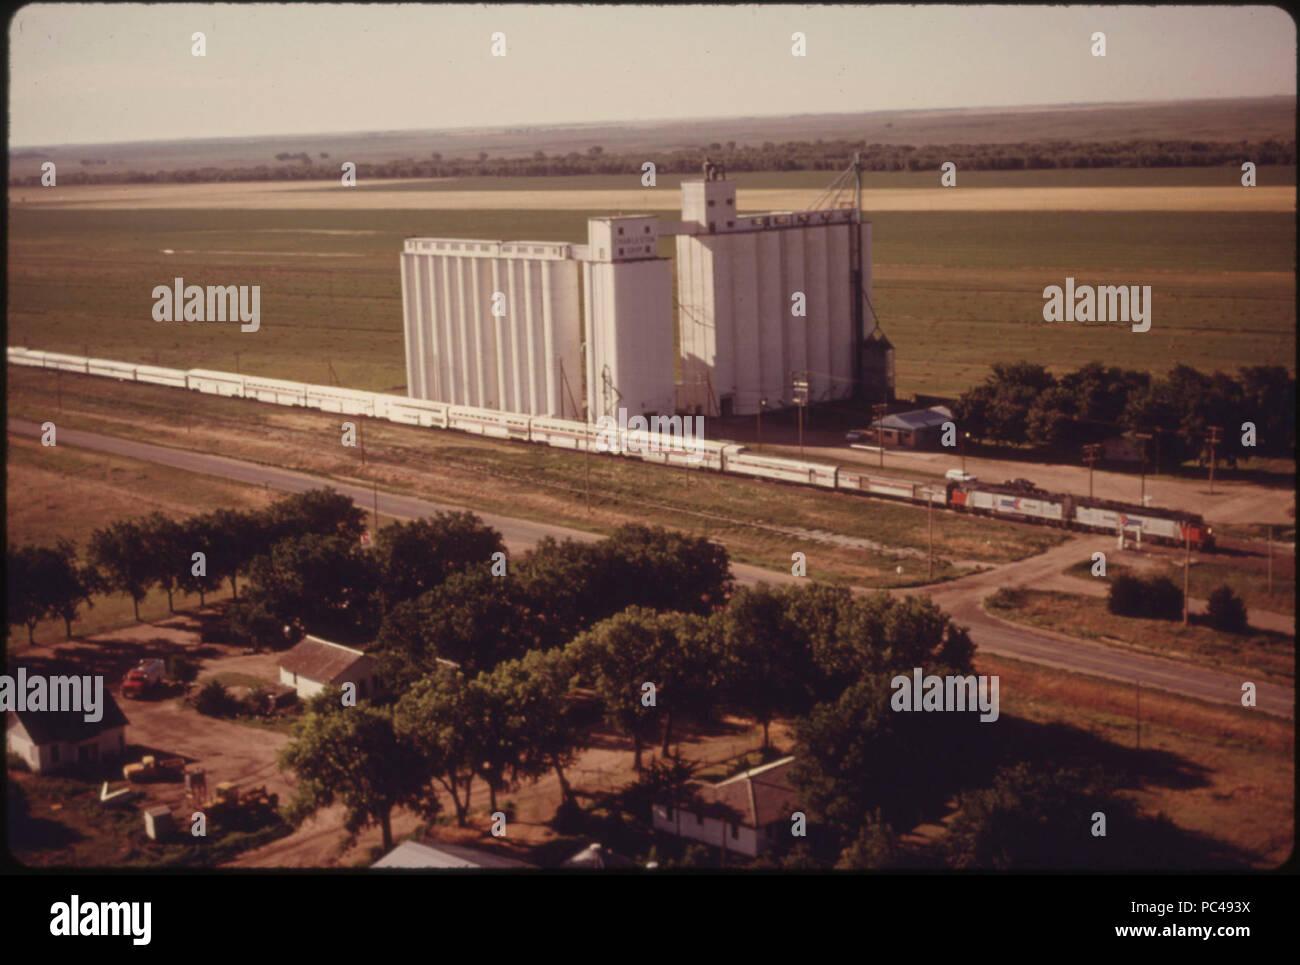 Dodge City Kansas Stock Photos & Dodge City Kansas Stock Images ...